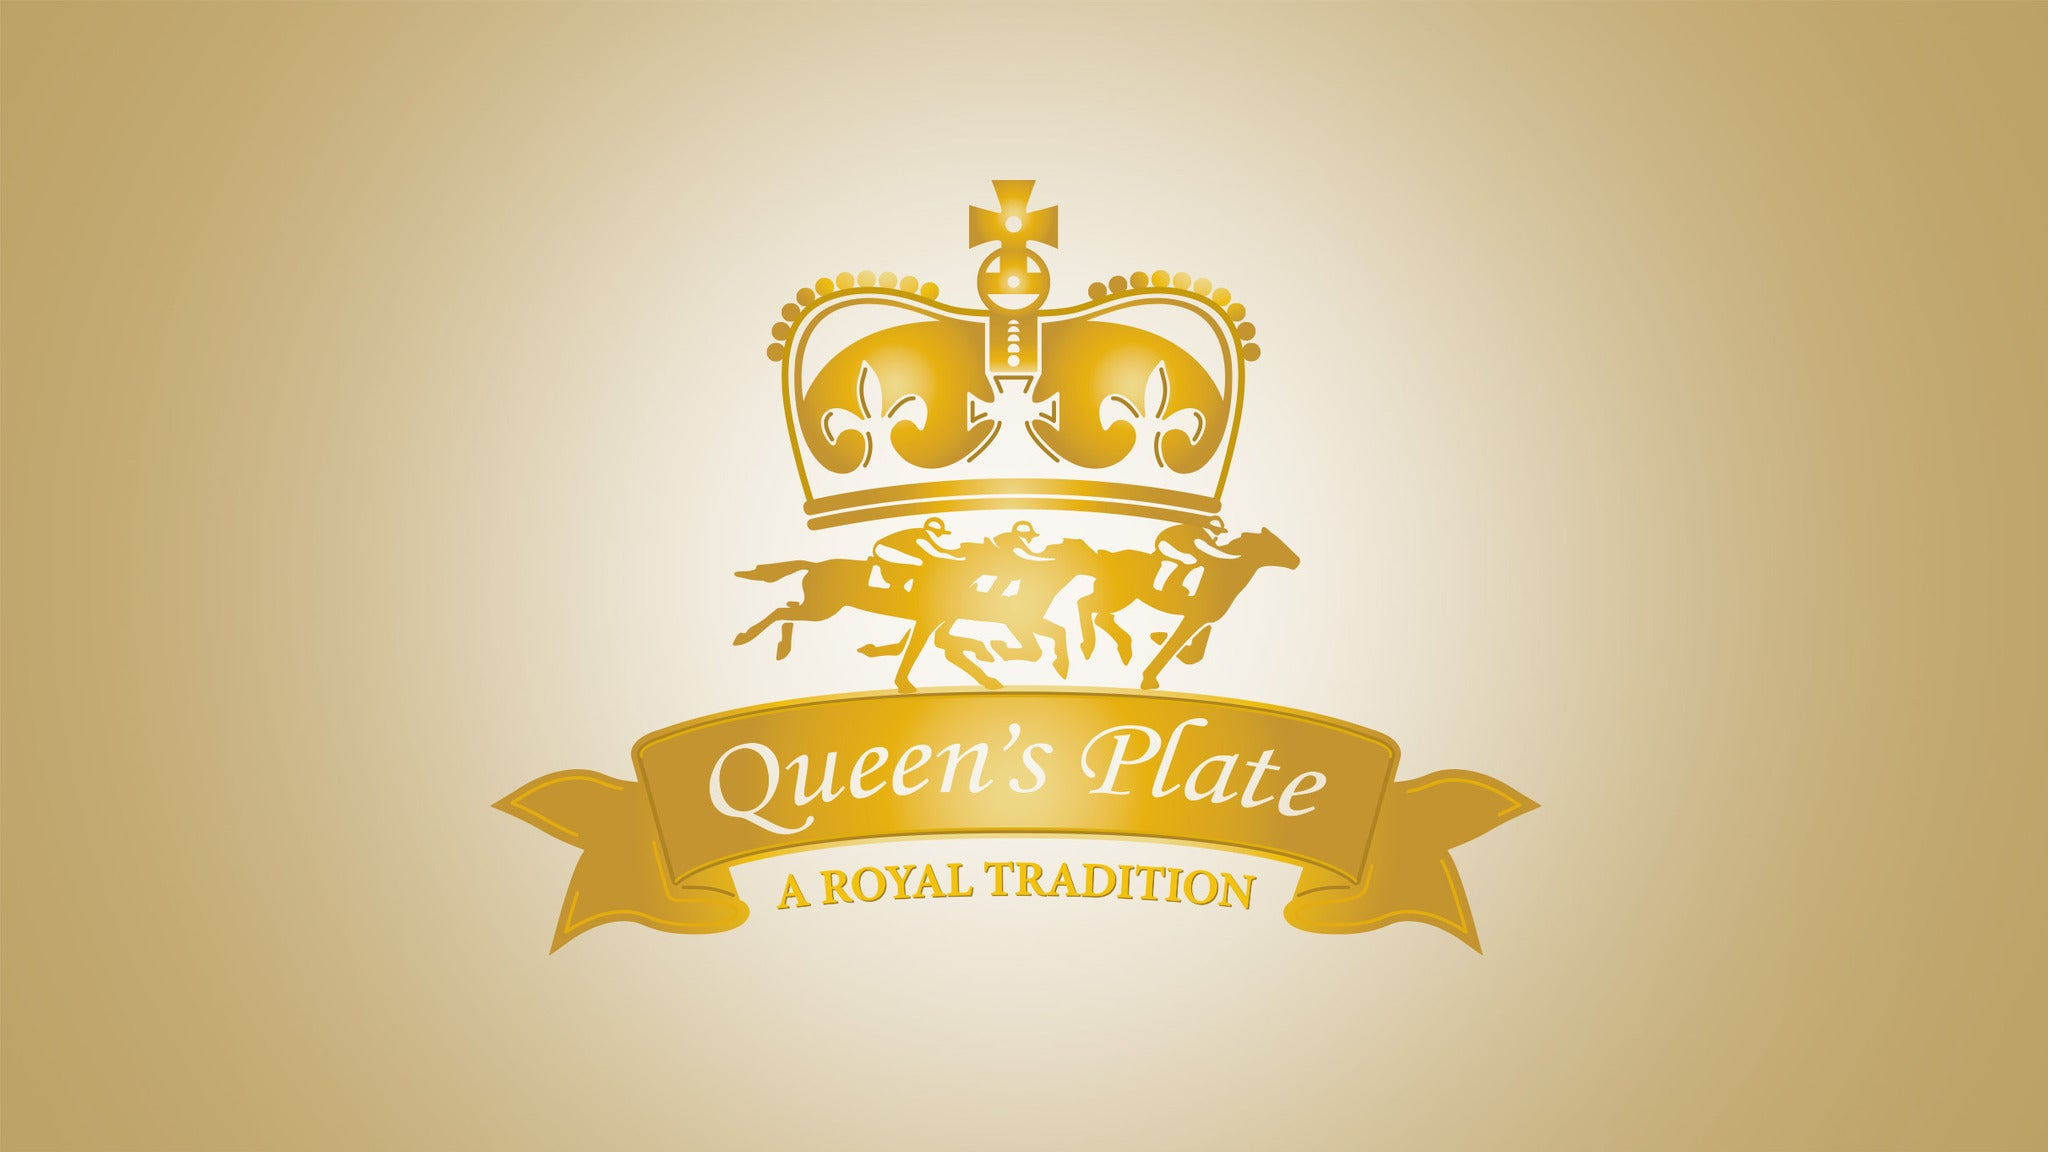 Queen's Plate